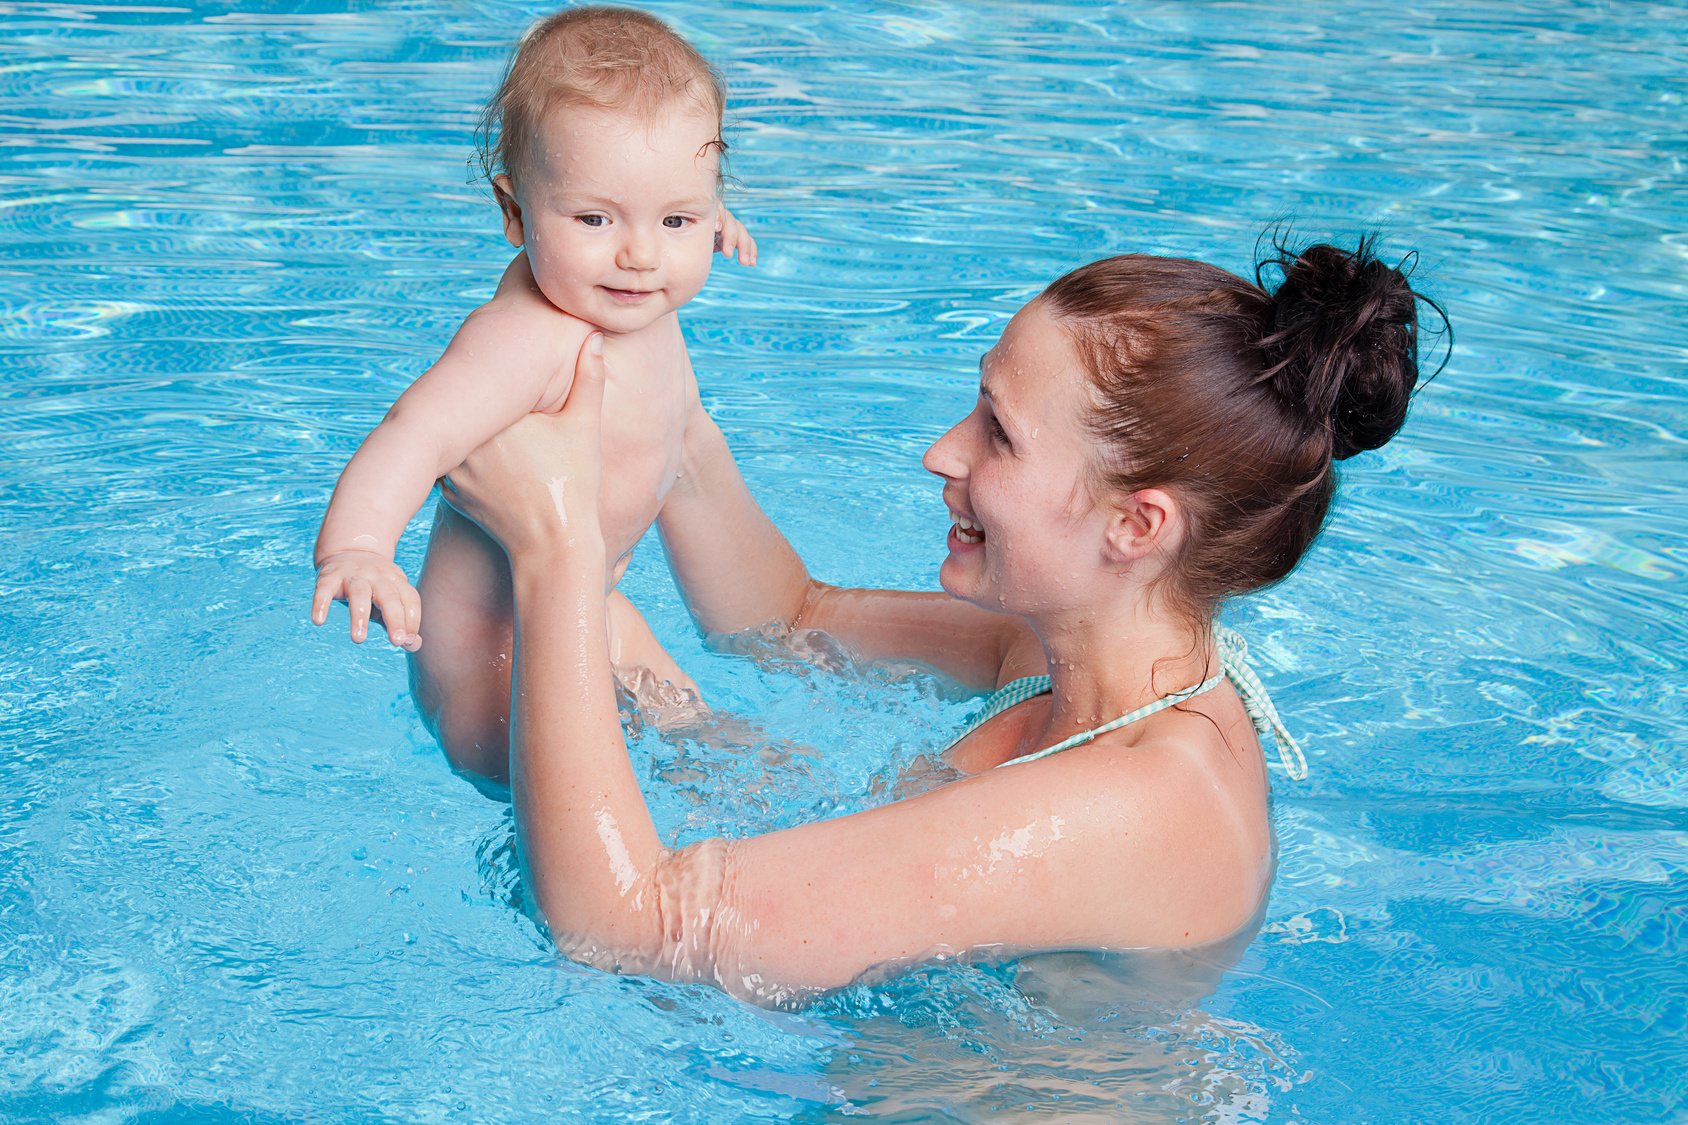 Cours de natation syrdall schwemm for Piscine de molenbeek cours de natation